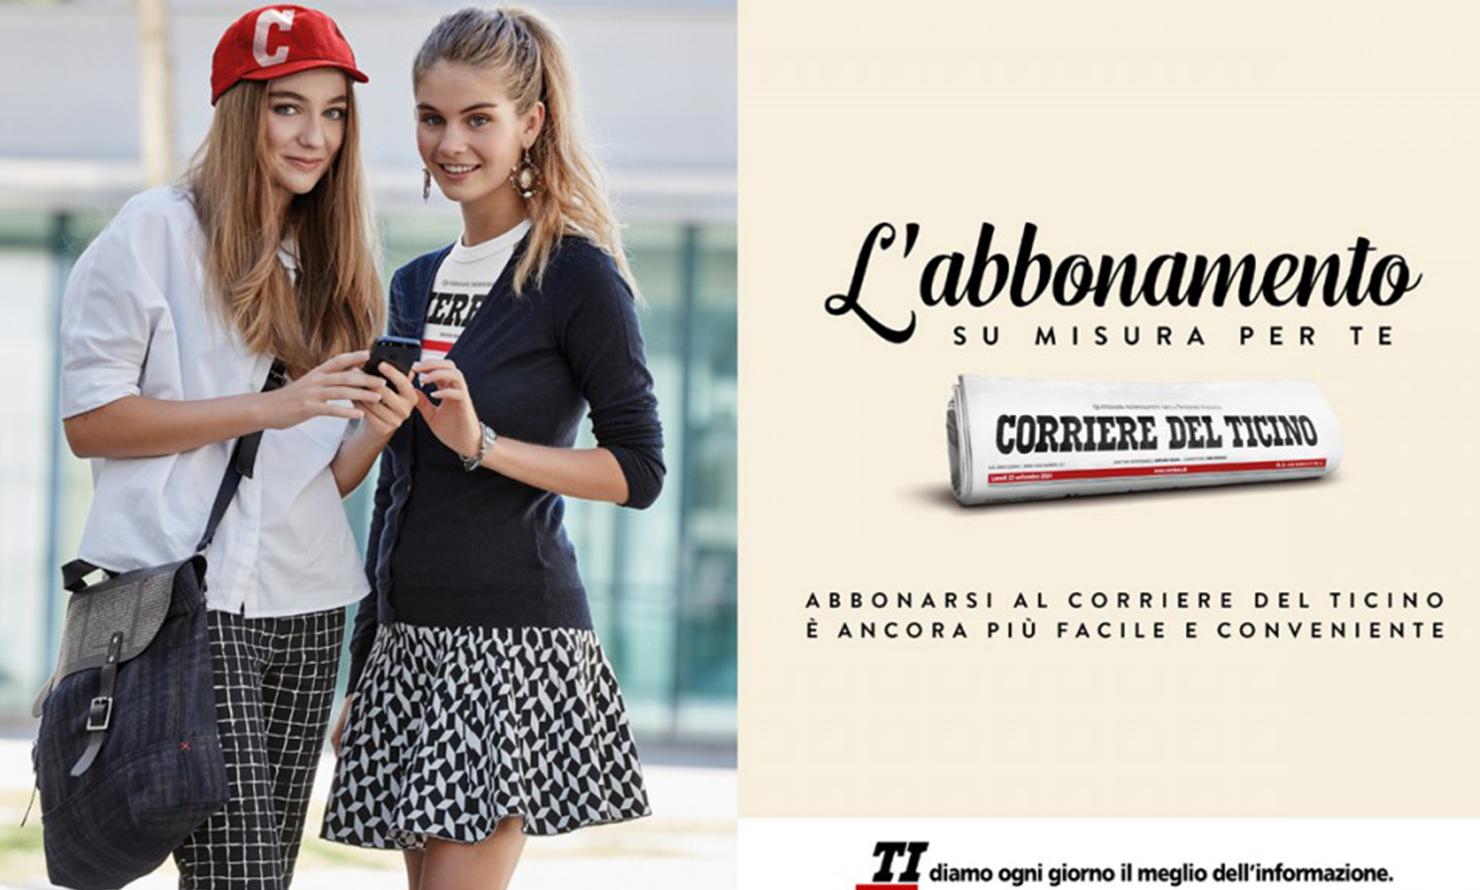 https://kubelibre.com/uploads/Slider-work-tutti-clienti/corriere-del-ticino-l-abbonamento-su-misura-per-te-8.jpg